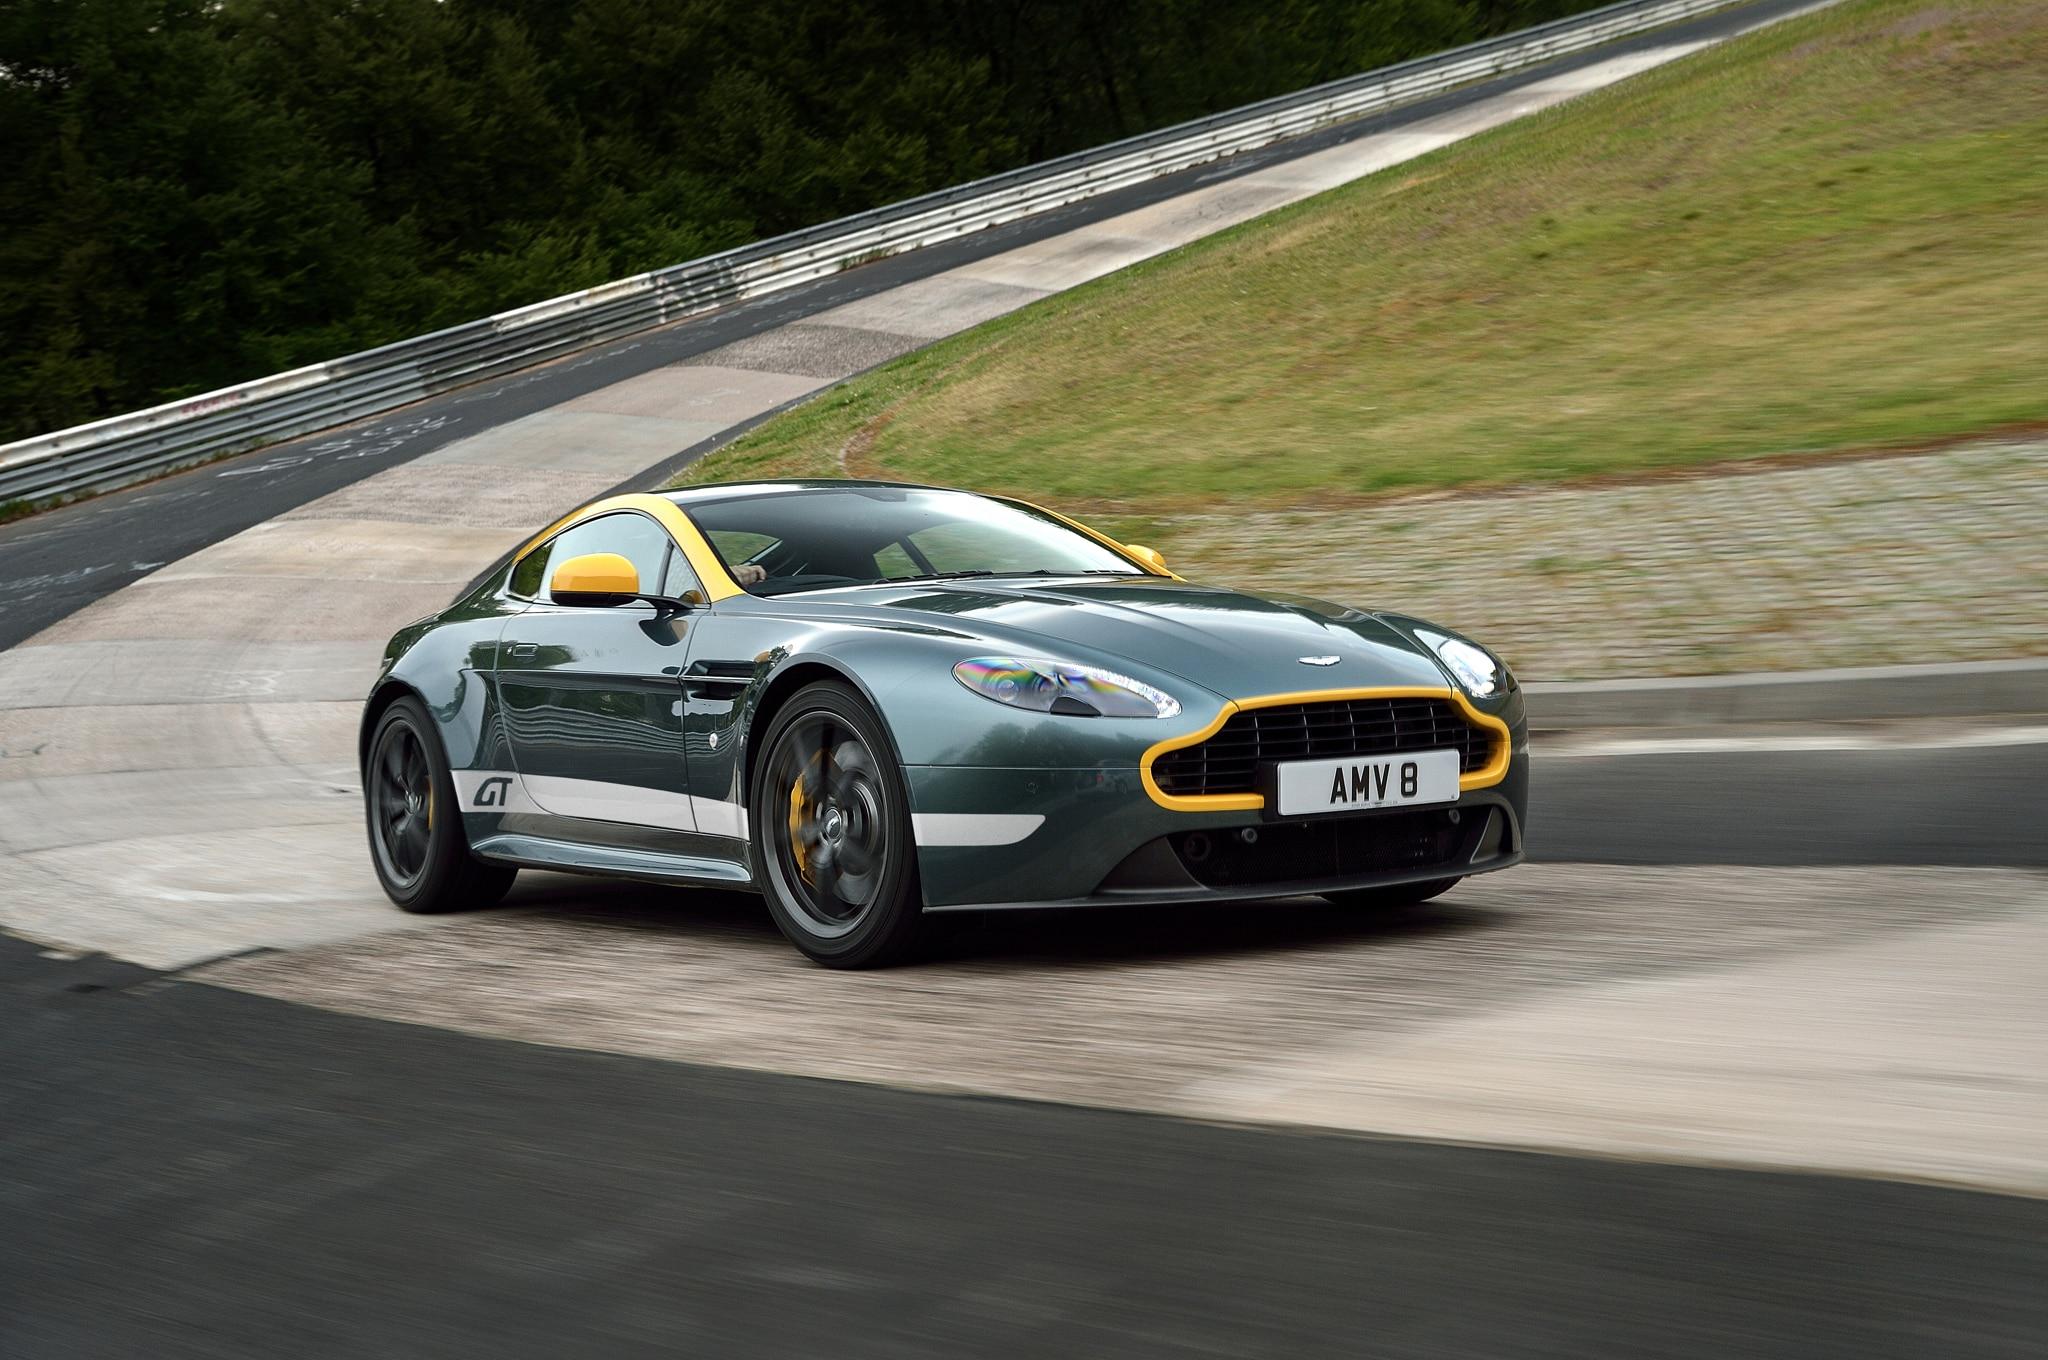 2015 Aston Martin V8 Vantage GT Front Three Quarter In Motion 06